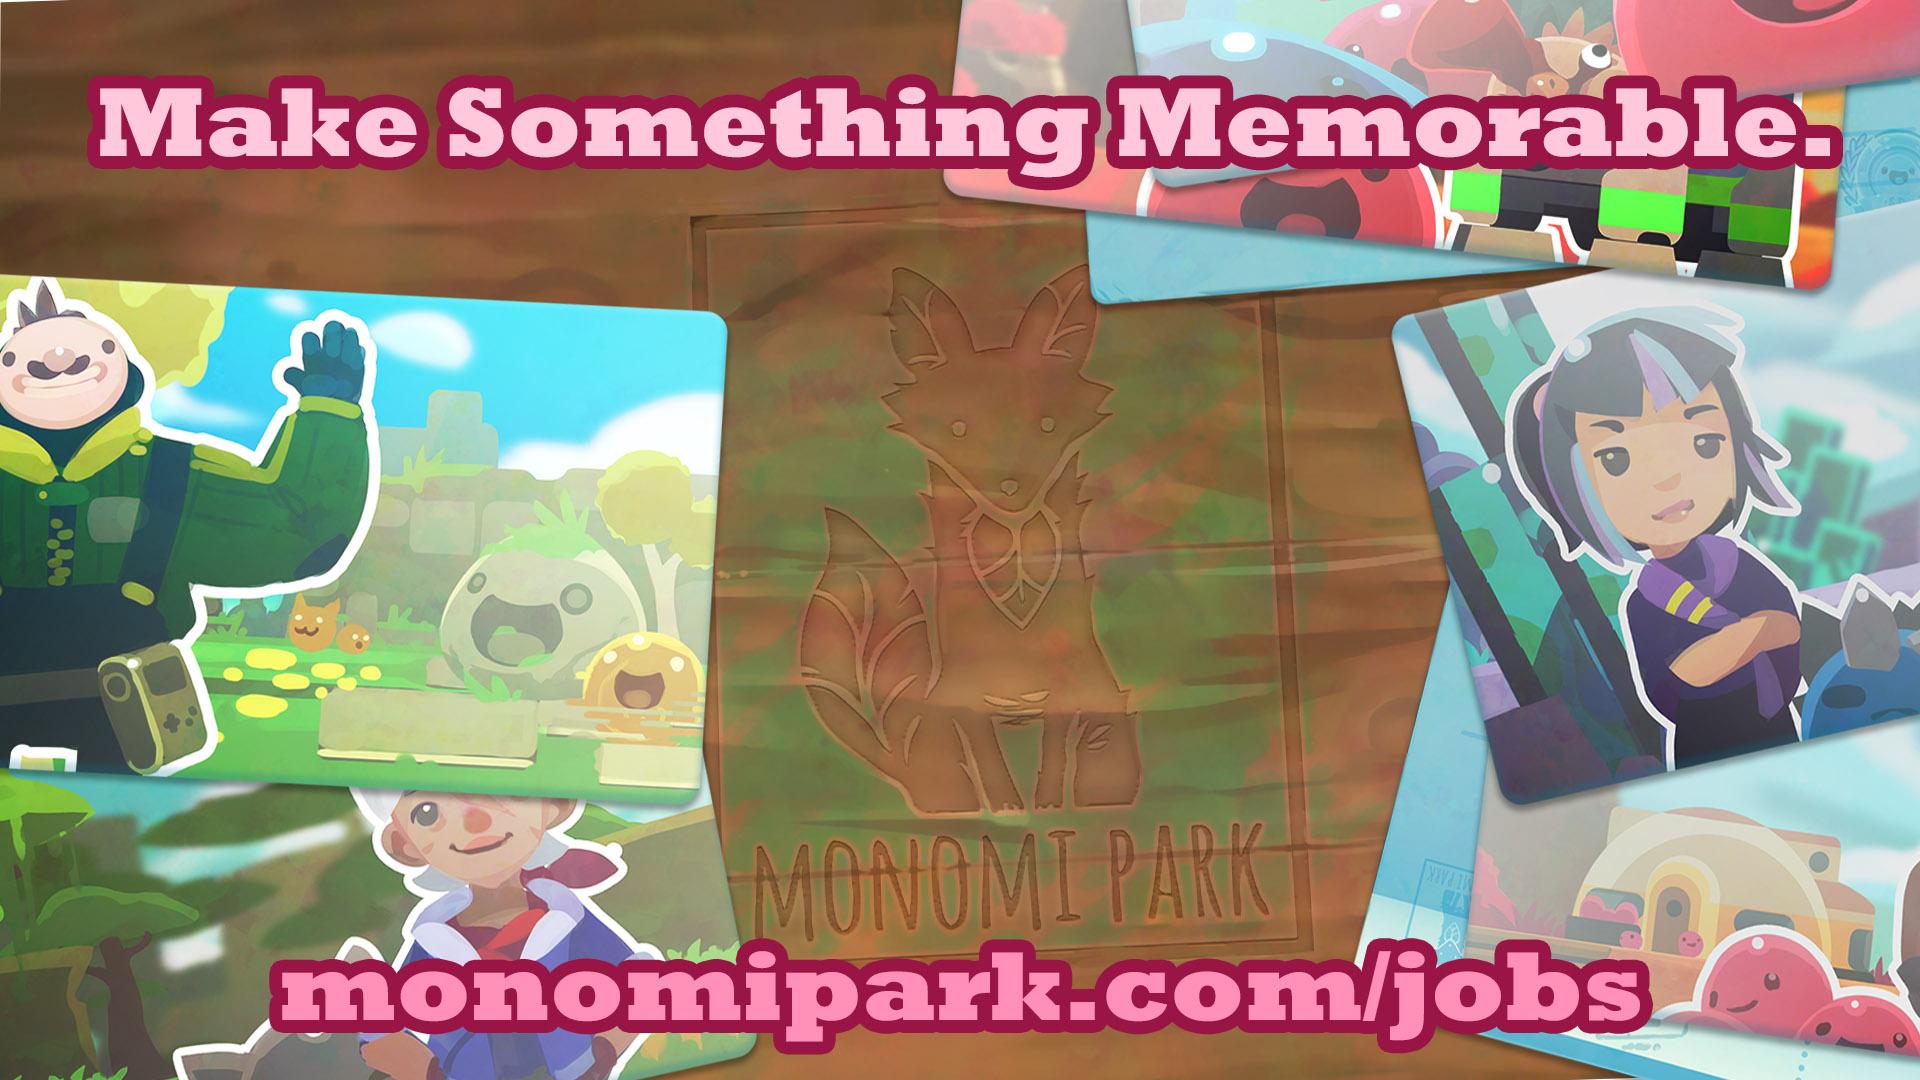 Monomi Park Jobs